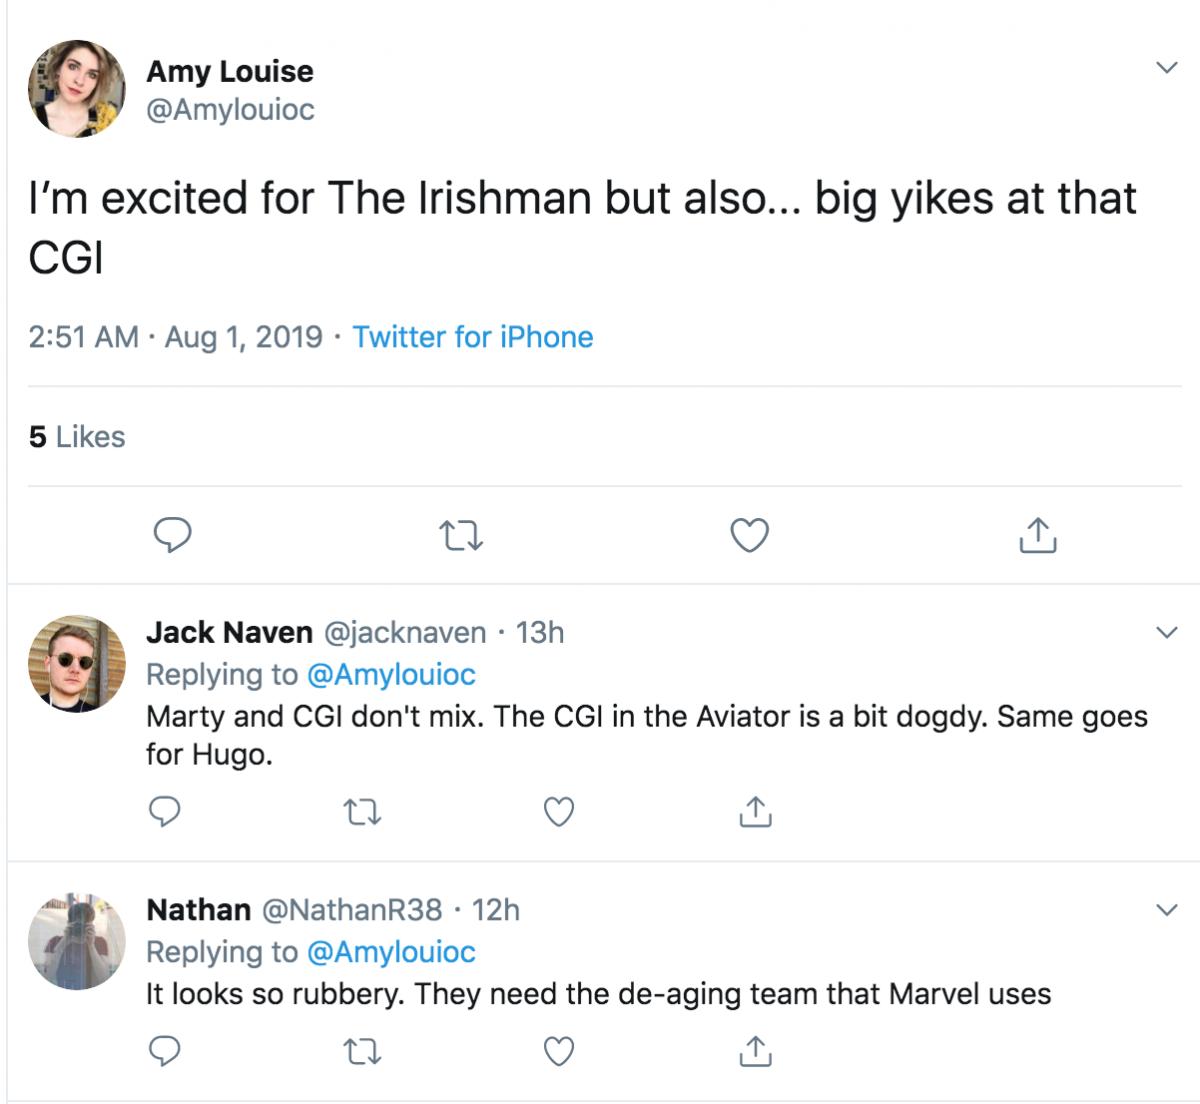 The Irishman Twitter